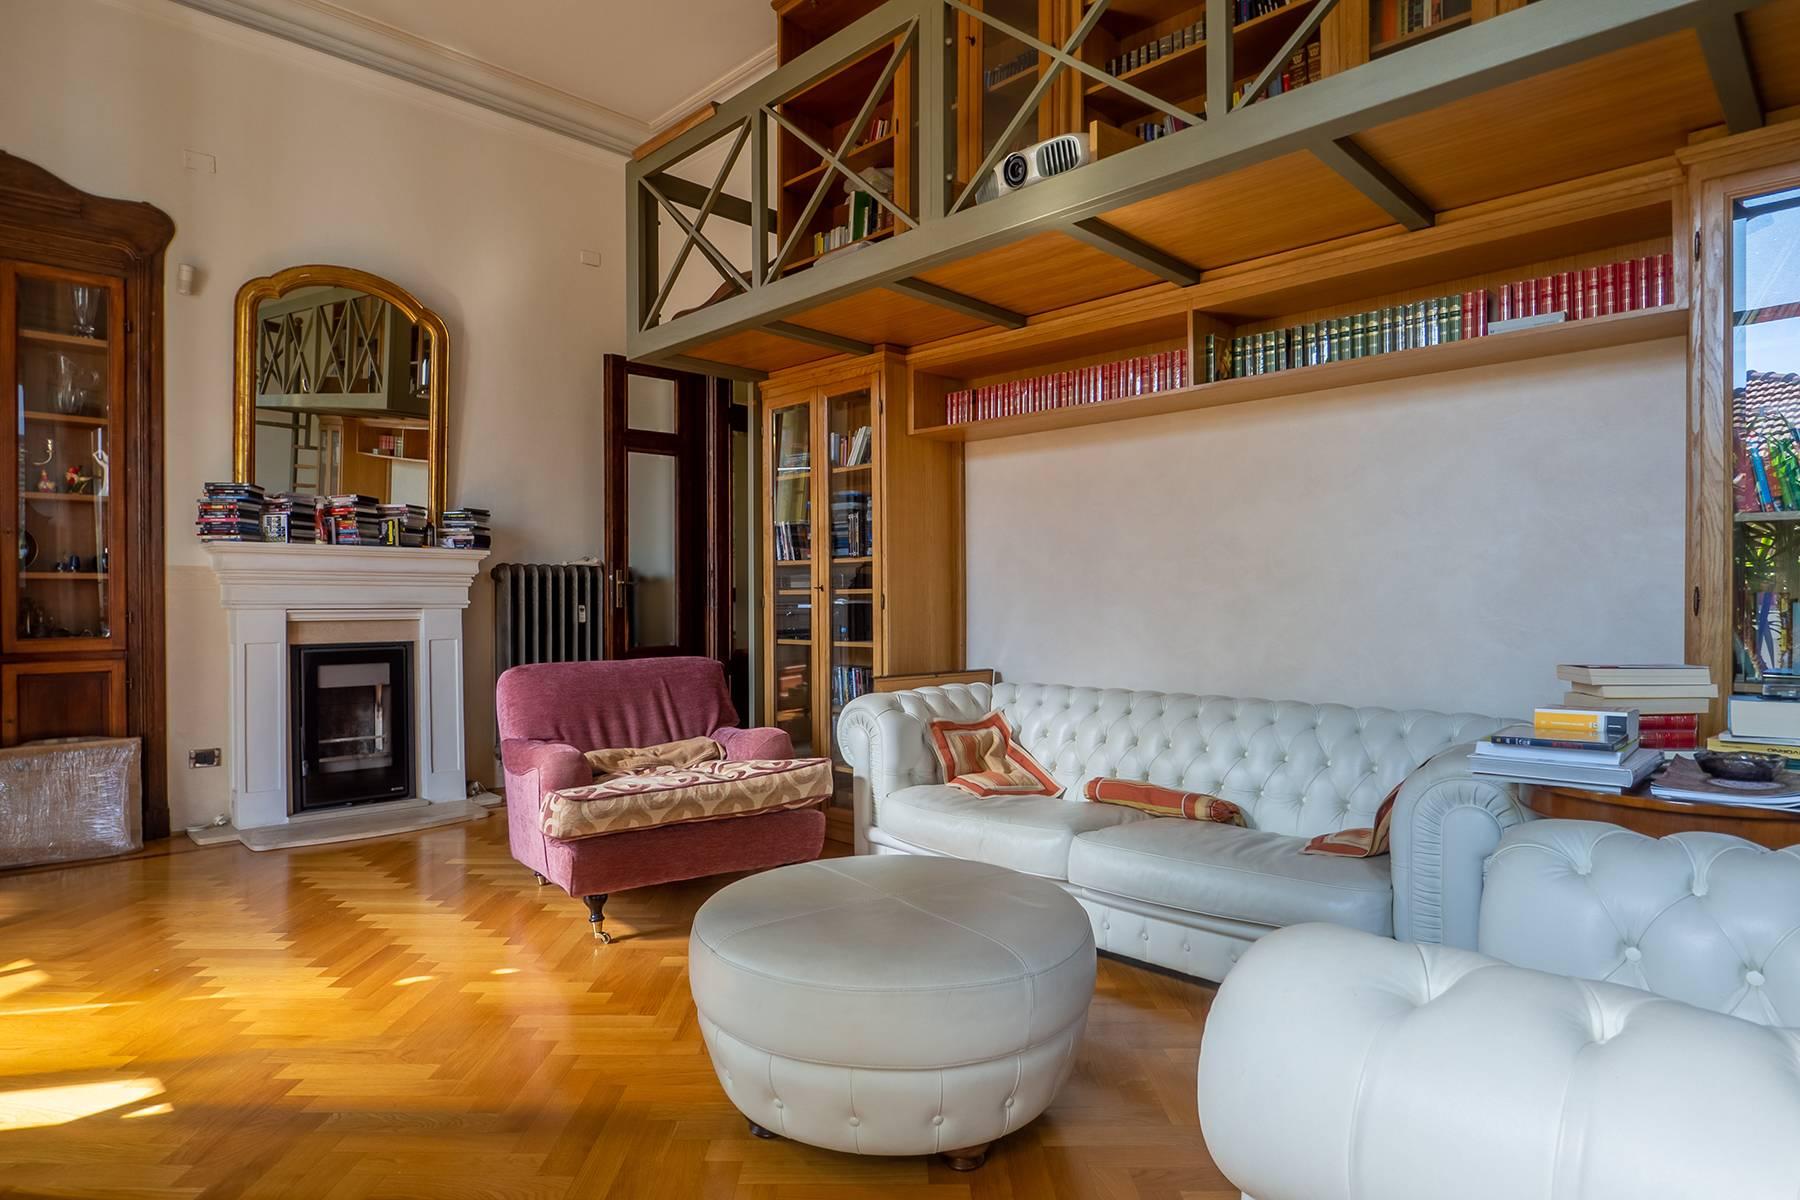 Appartamento in Vendita a Torino: 4 locali, 151 mq - Foto 1